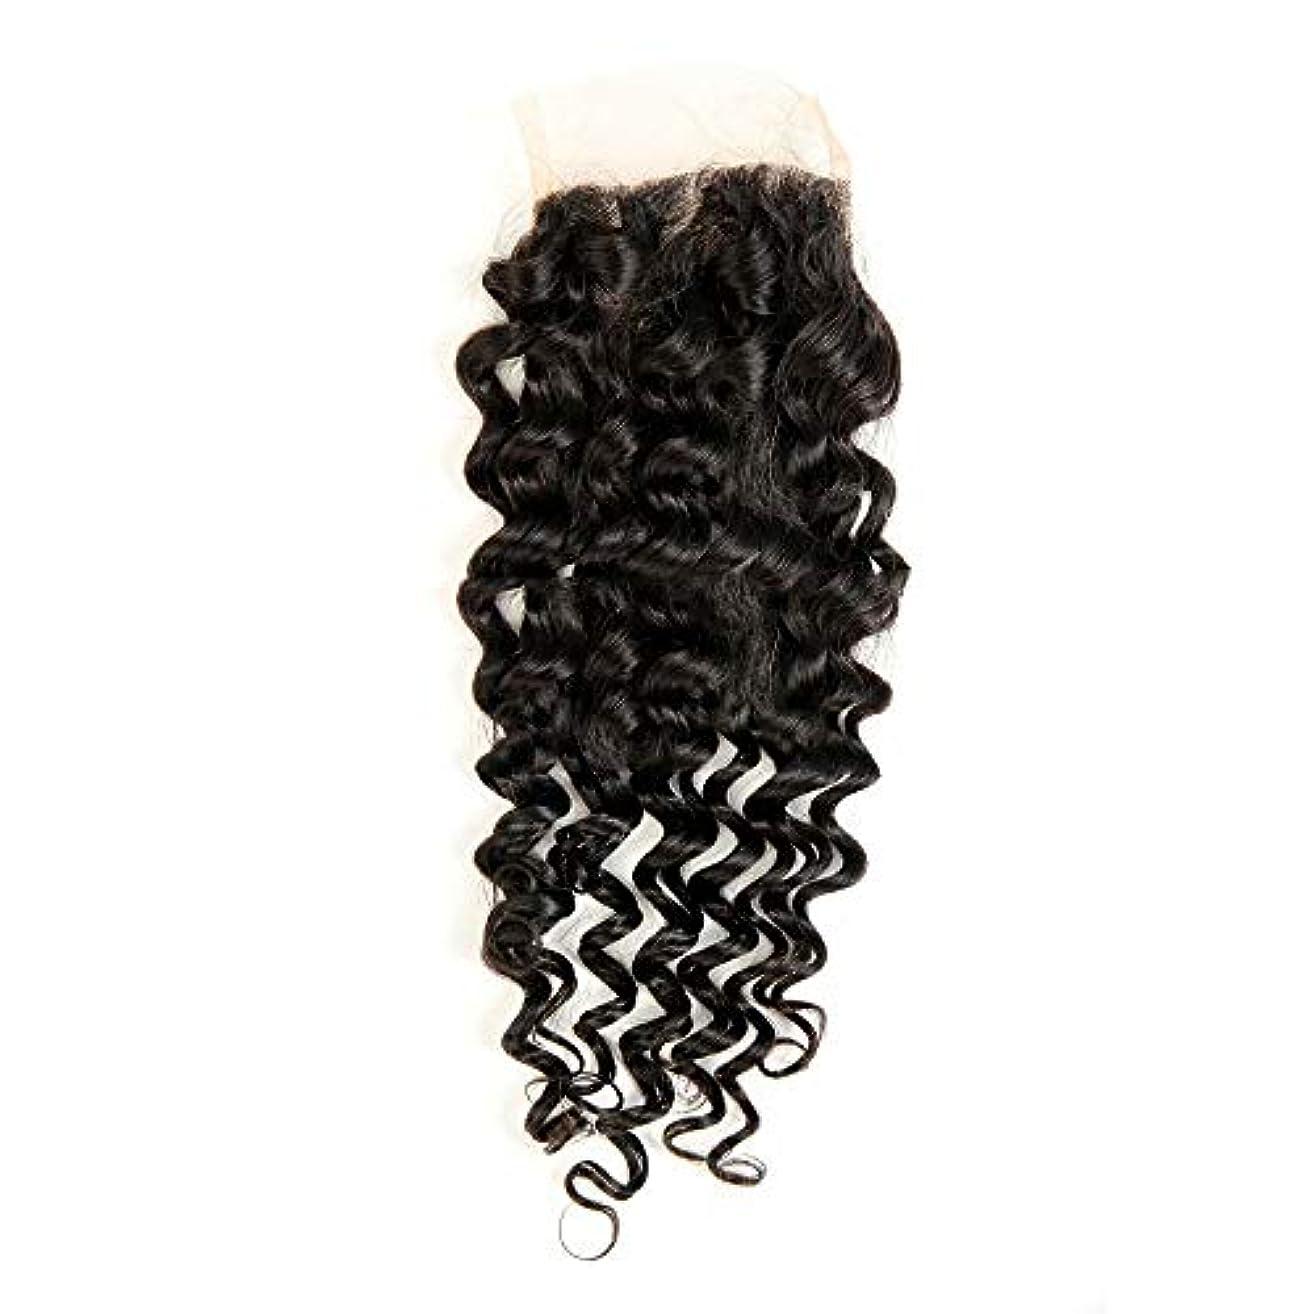 常習的姉妹フルーツ野菜WASAIO 4×4インチディープウェーブレース閉鎖ブラジルバージンレミー人間の髪の毛の閉鎖ナチュラルカラーウィッグ (サイズ : 18 inch)